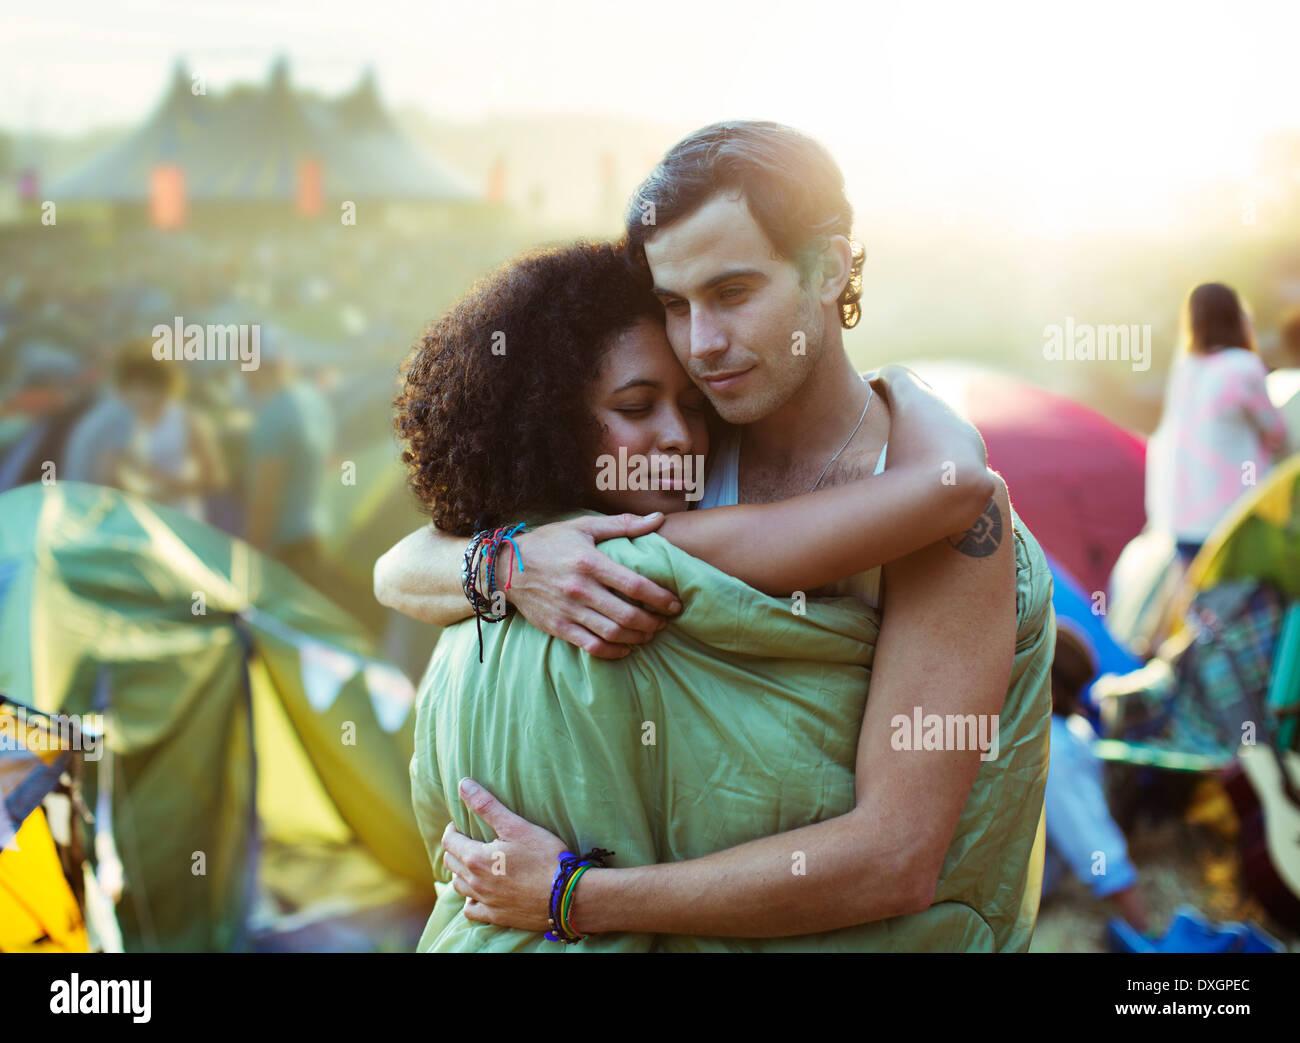 Pareja en saco de dormir abrazando fuera de carpas en el festival de música Imagen De Stock